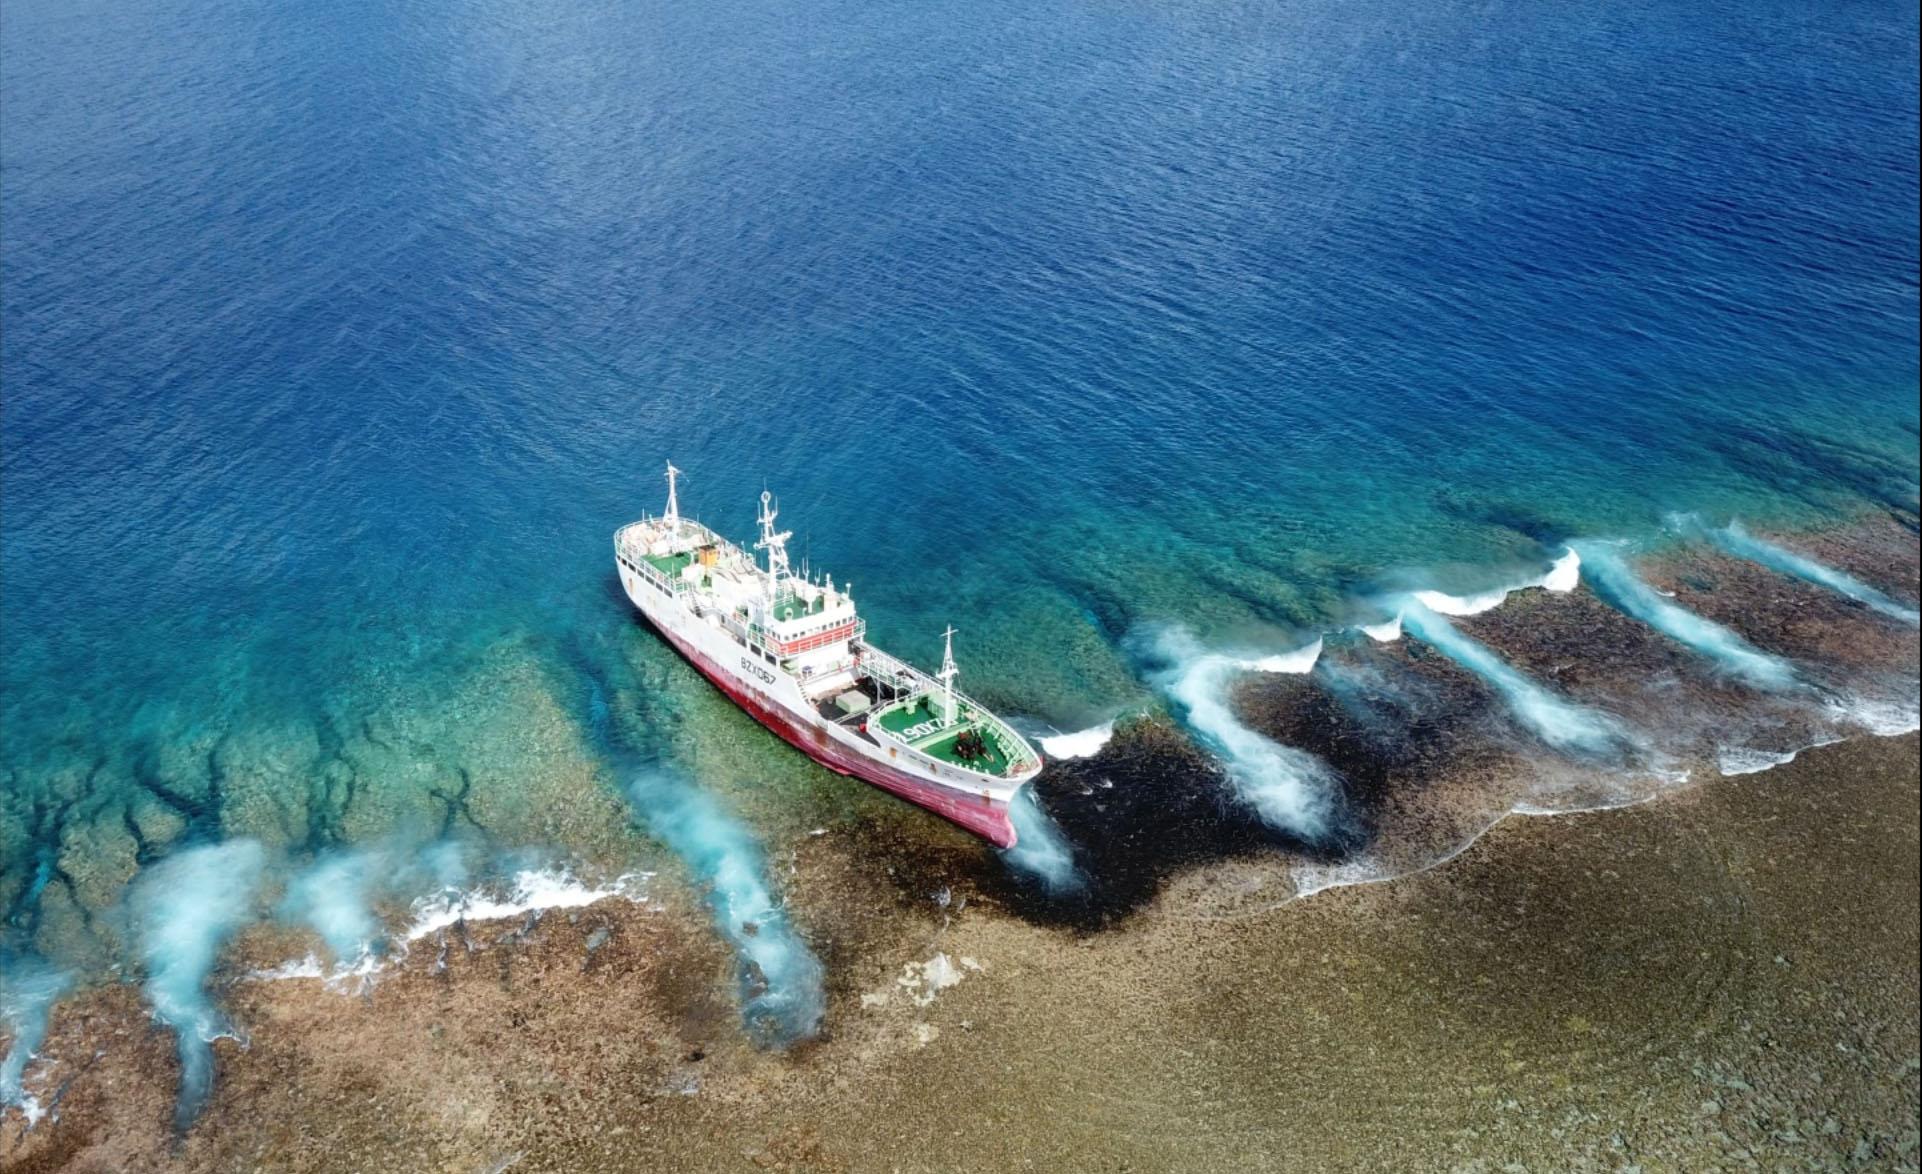 L'équipe du Pays dépêchée sur l'atoll a notamment constaté une zone du récif noircie longue de plusieurs dizaines de mètres.